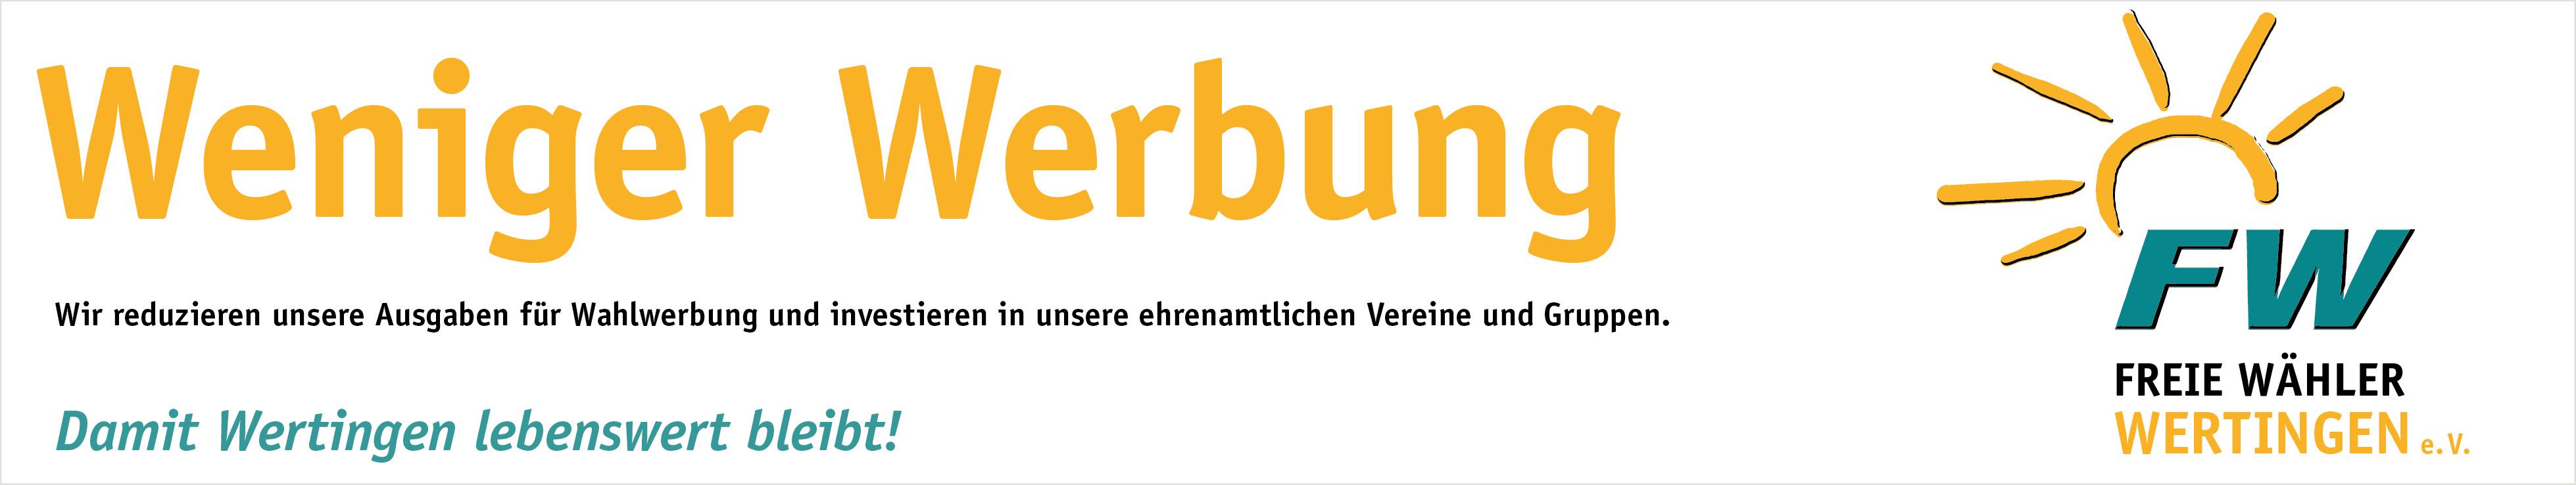 Freie Wähler Wertingen e.V.